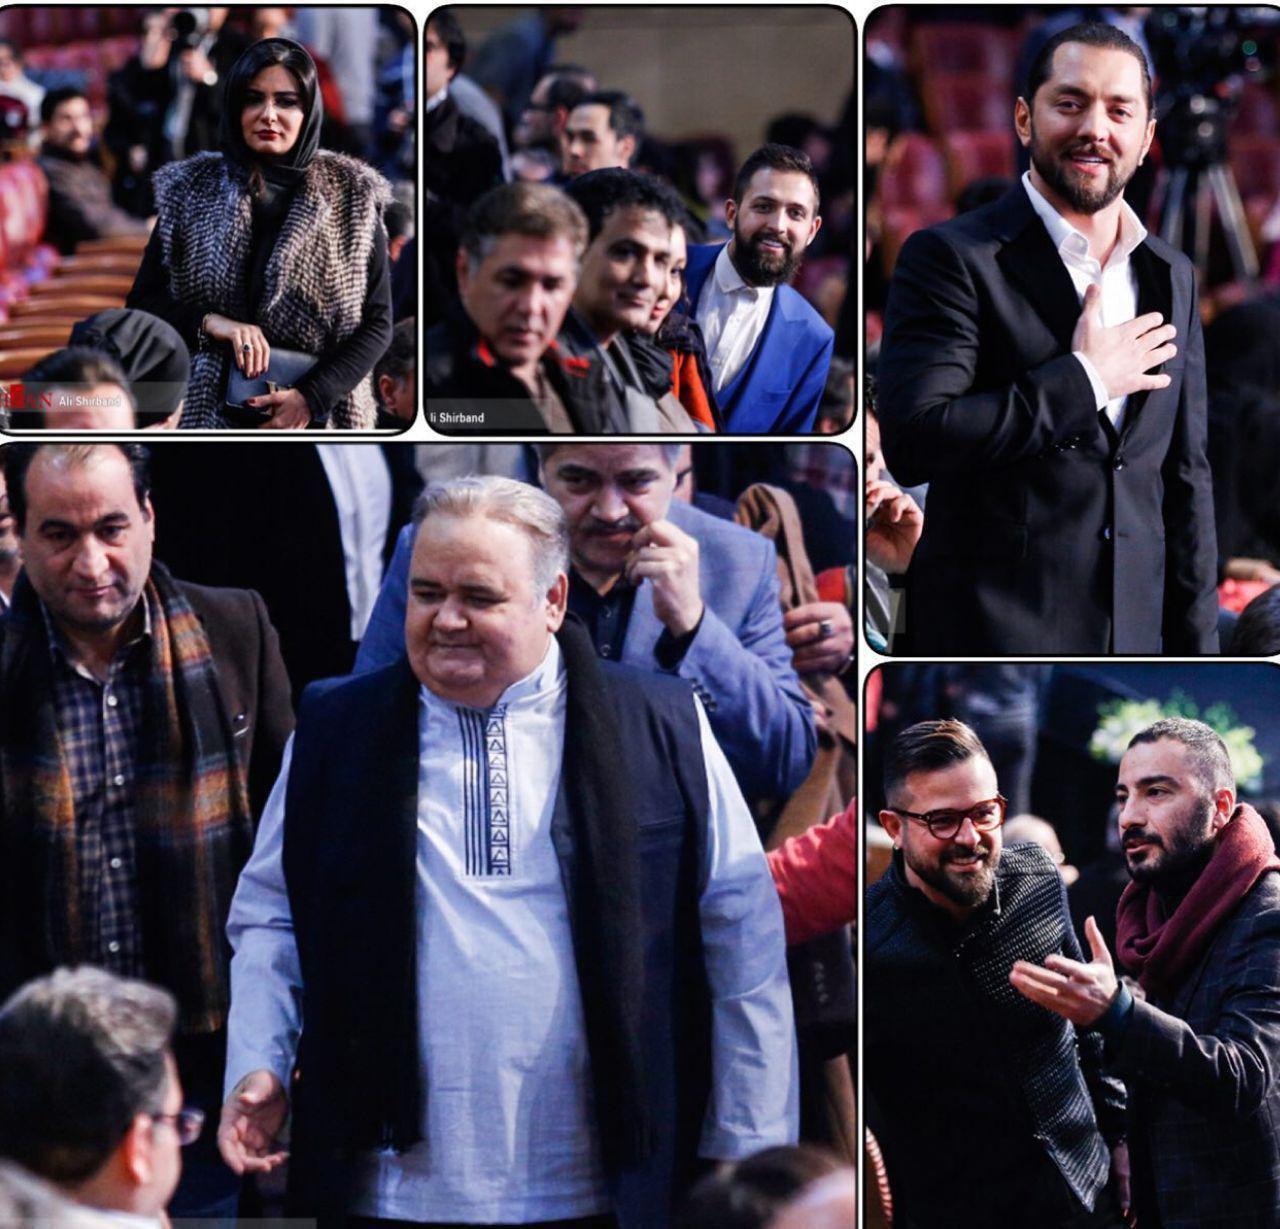 افتتاح سی و ششمین جشنواره فیلم فجر/ حضور چهره های مطرح سینمایی در برج میلاد (+عکس)